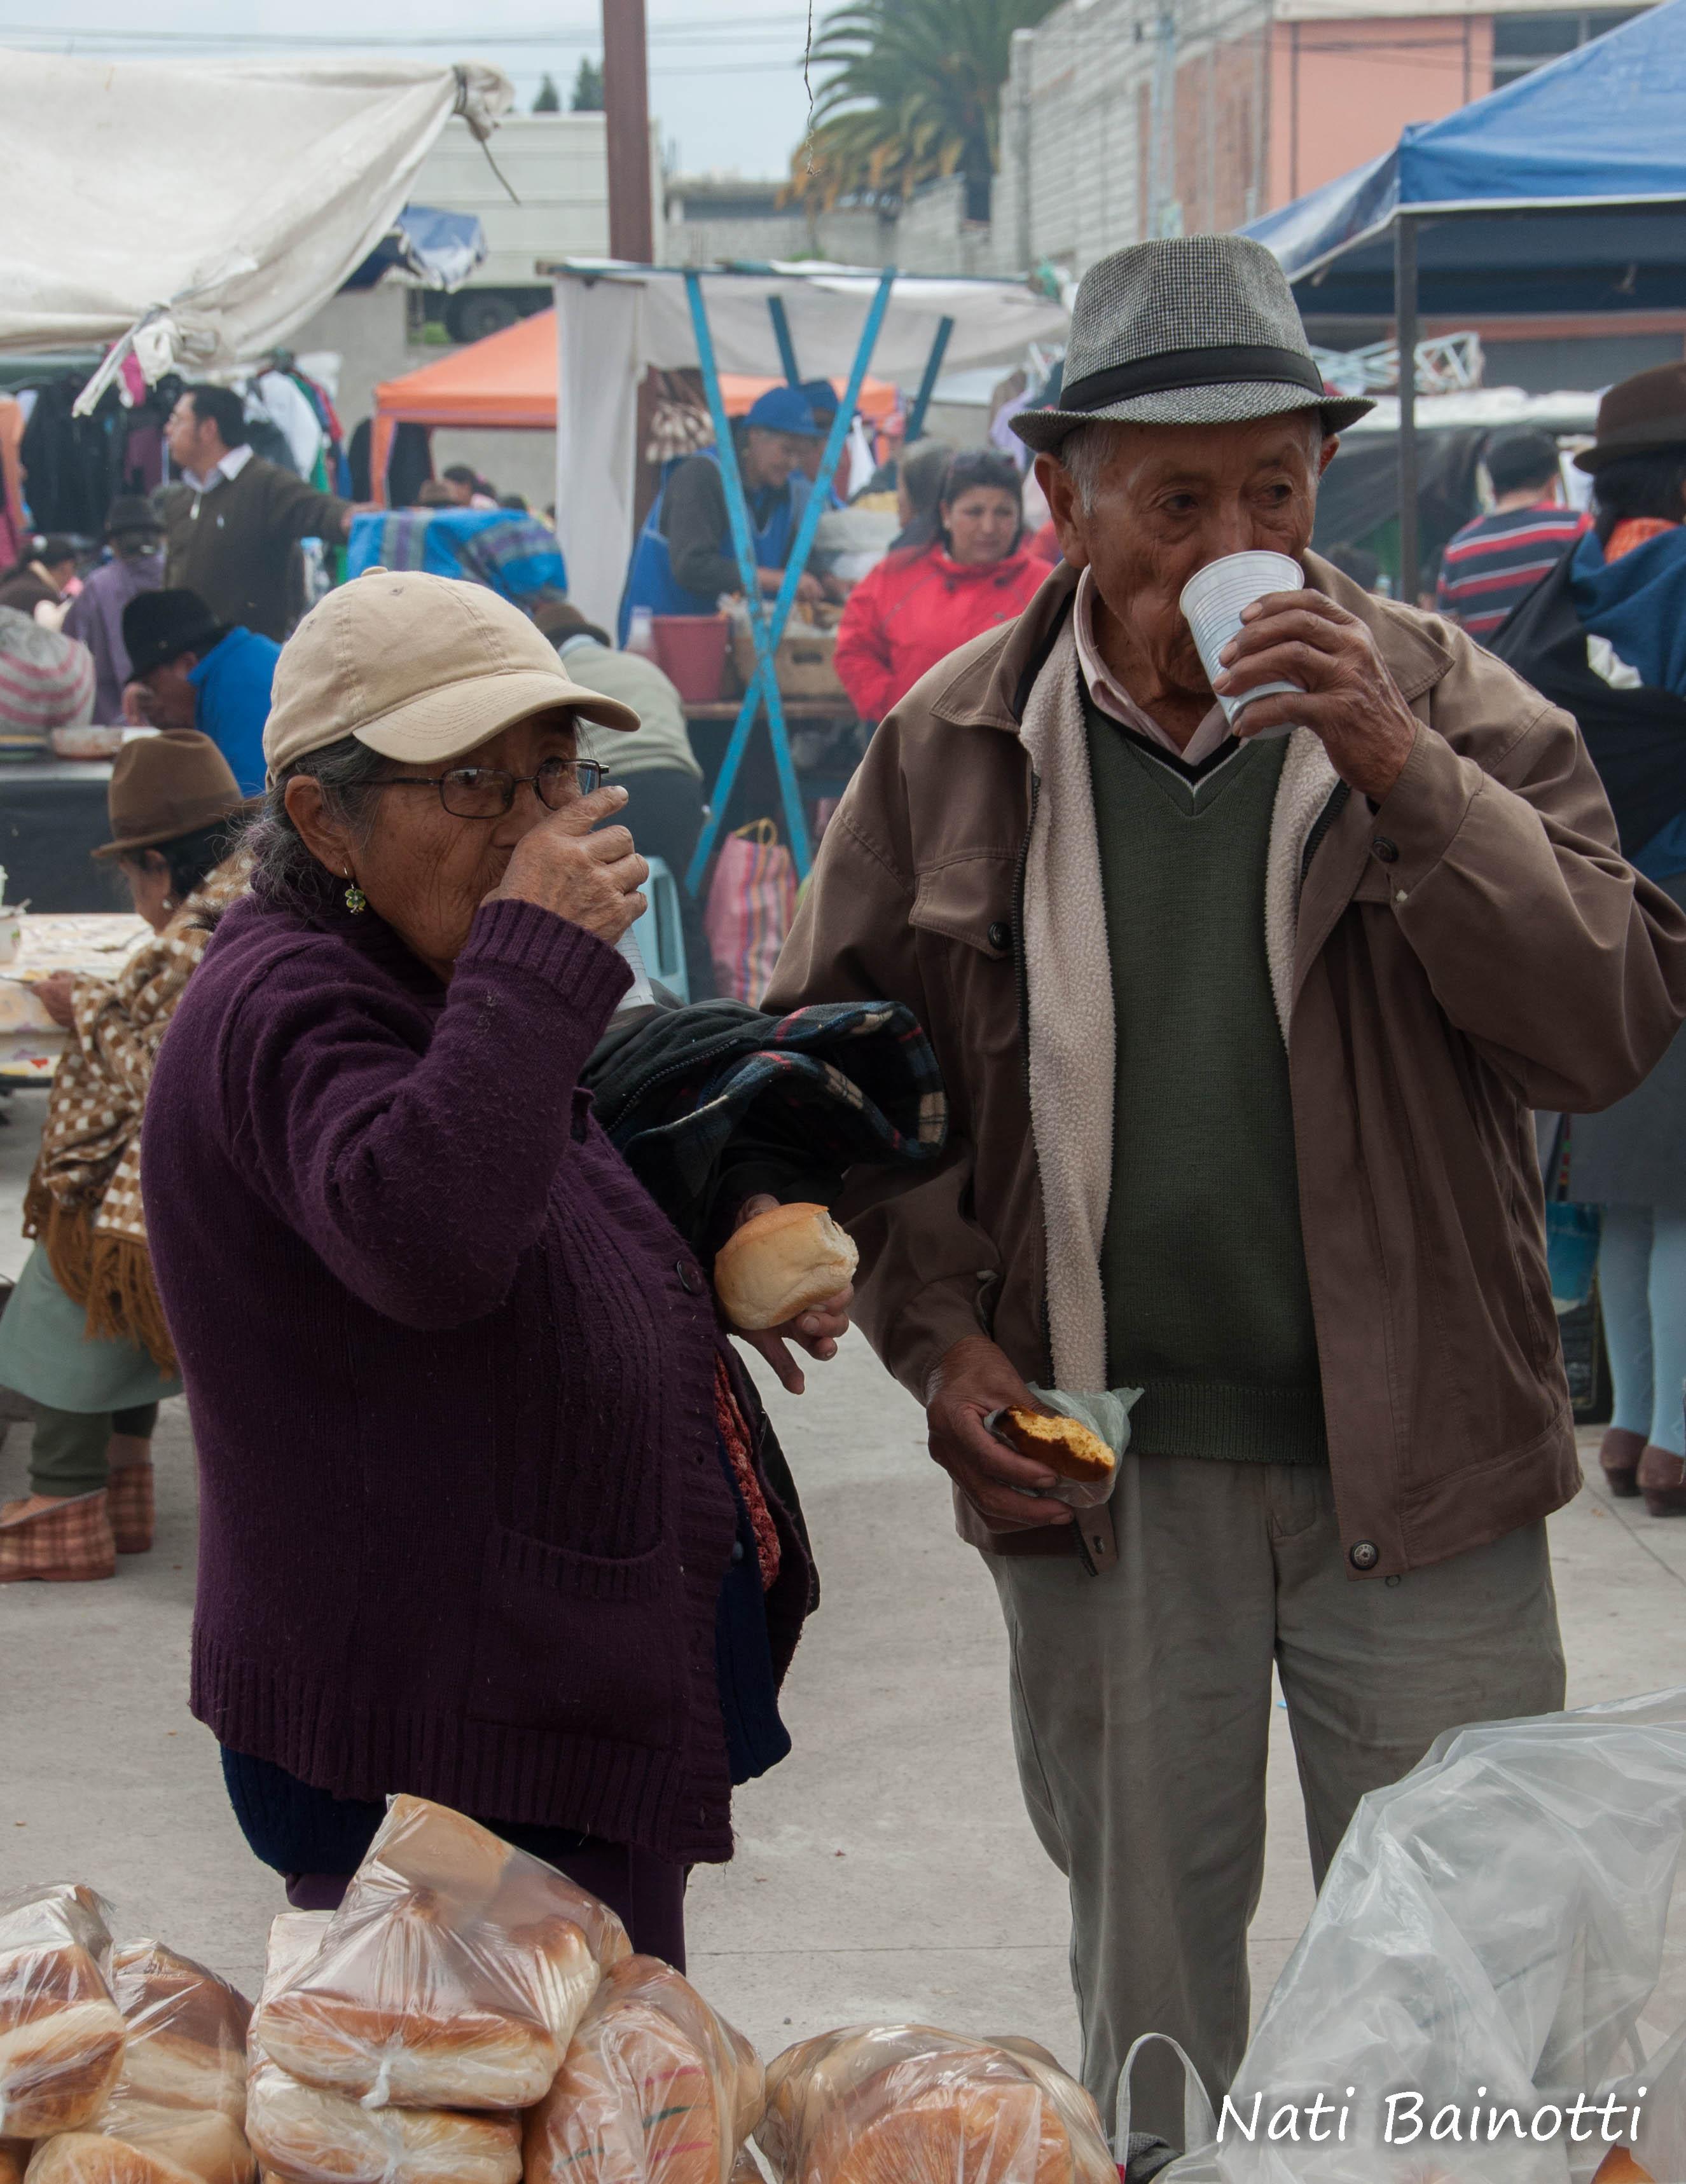 mercado-saquisili-ecuador-nati-bainotti-mi-vida-en-una-mochila3